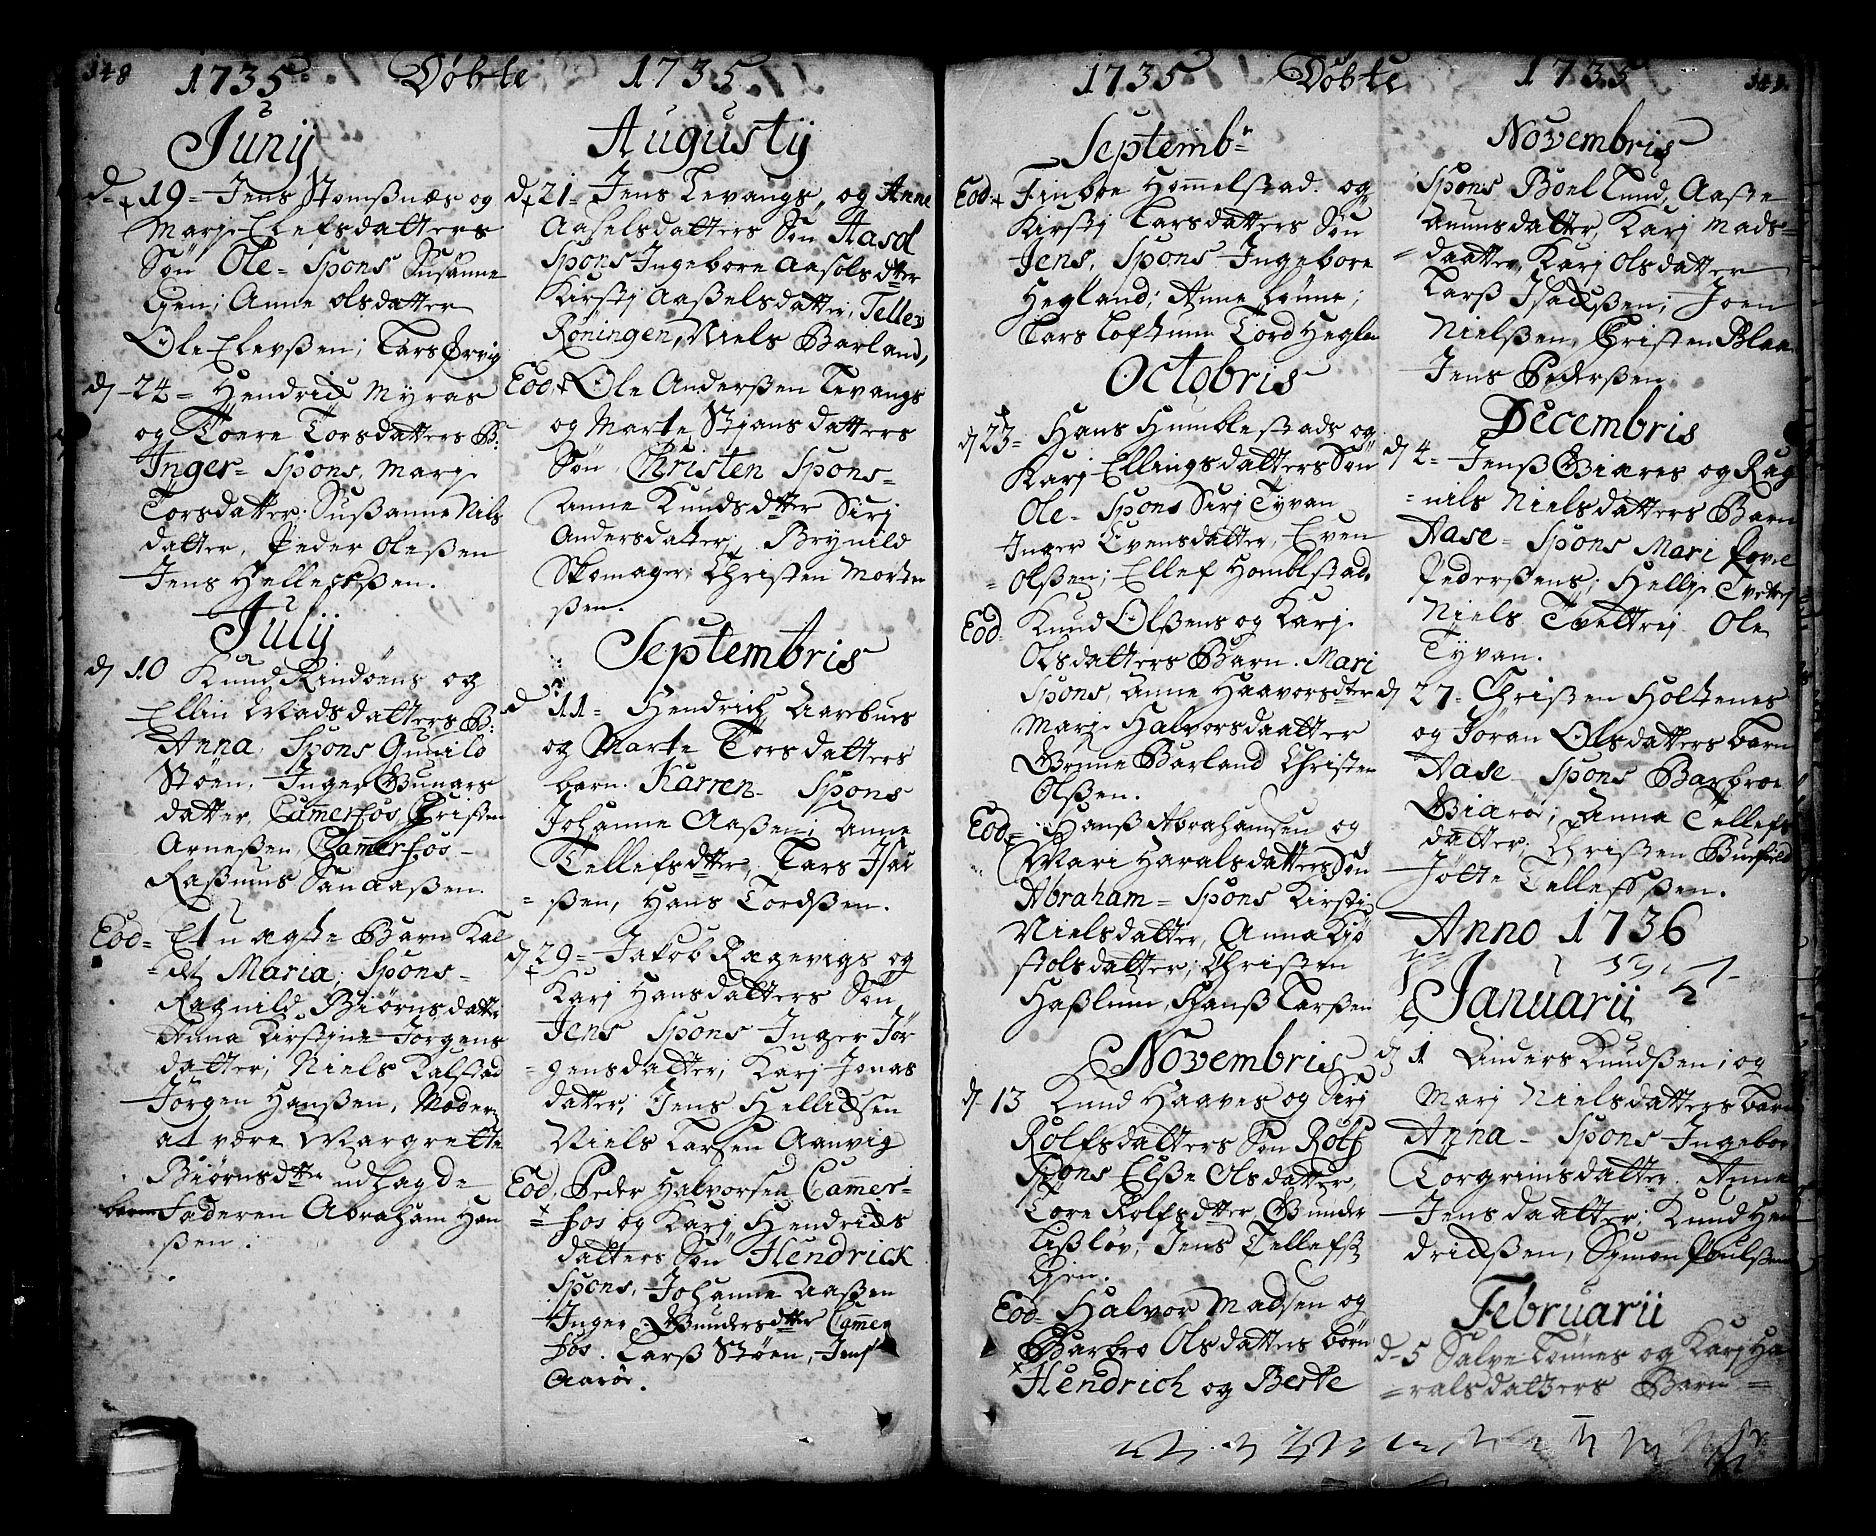 SAKO, Sannidal kirkebøker, F/Fa/L0001: Ministerialbok nr. 1, 1702-1766, s. 148-149